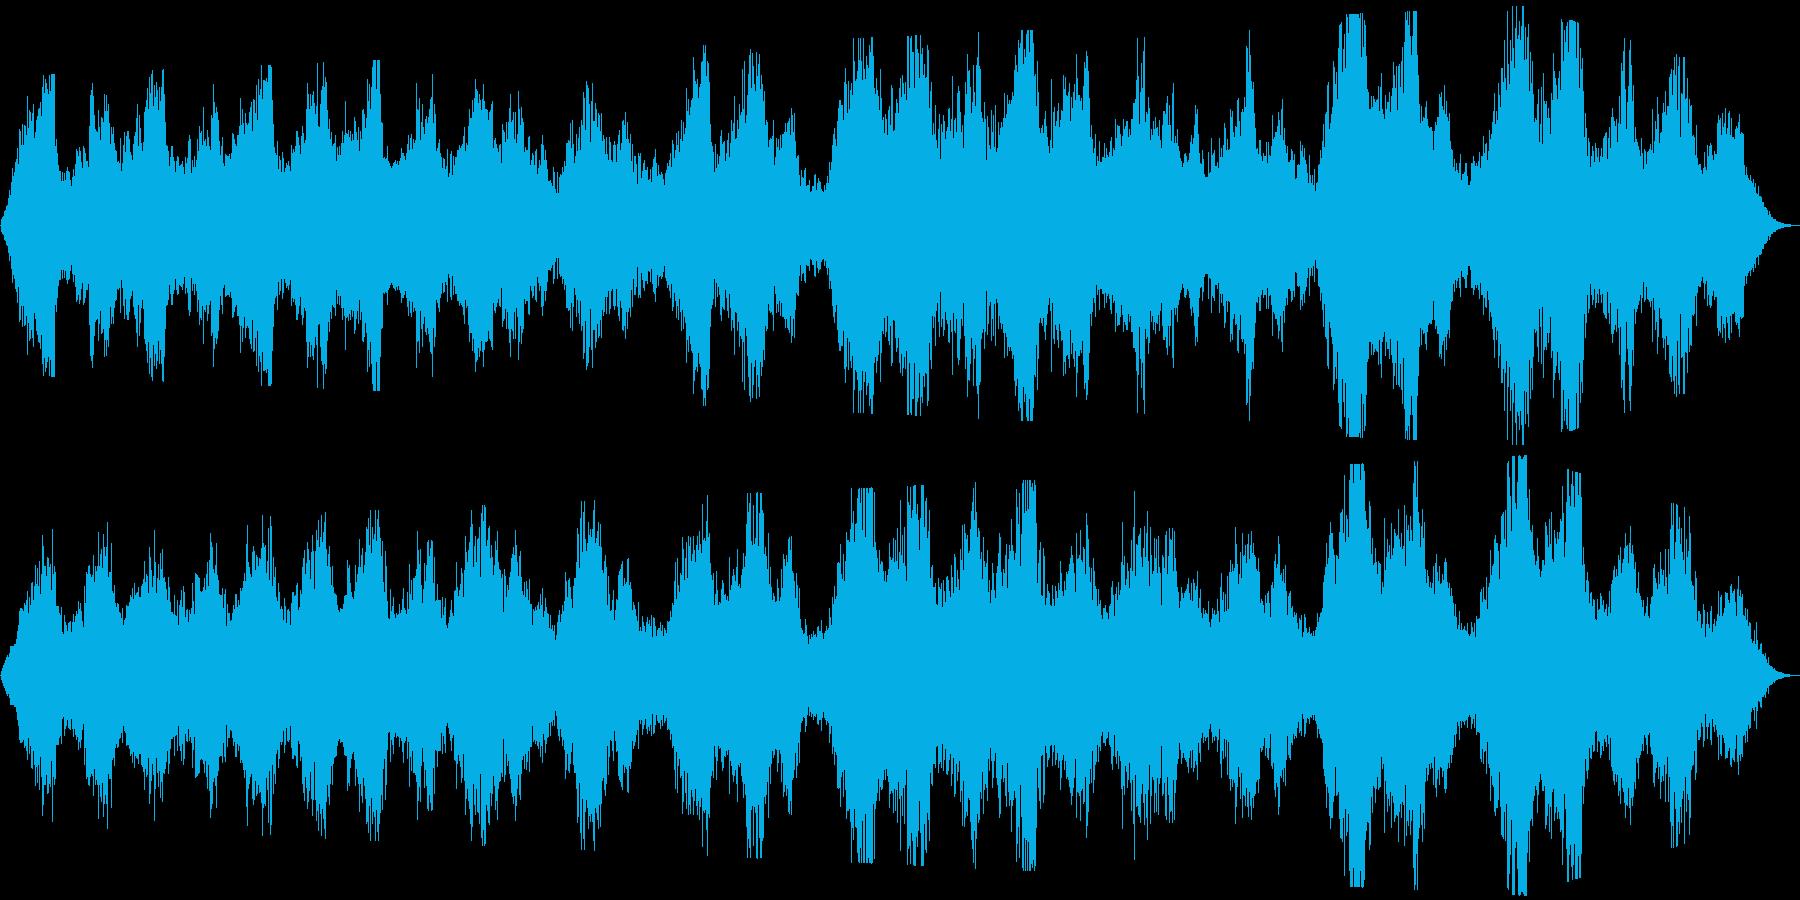 優しく静かな内省的ヒーリング系BGMの再生済みの波形